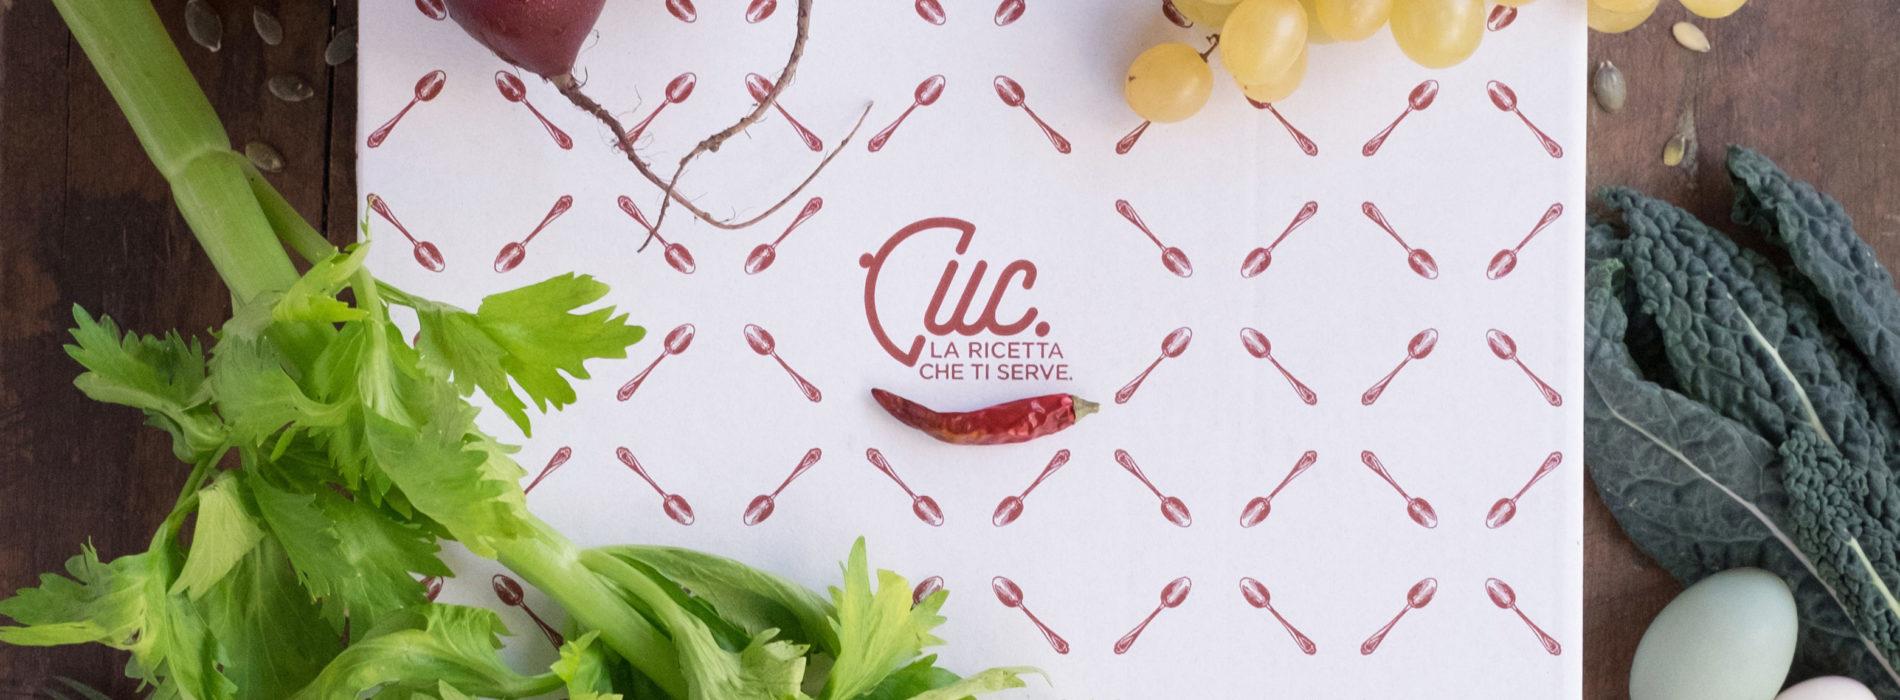 Cuc Roma, la app per la spesa su misura: food delivery di ricette con ingredienti pesati